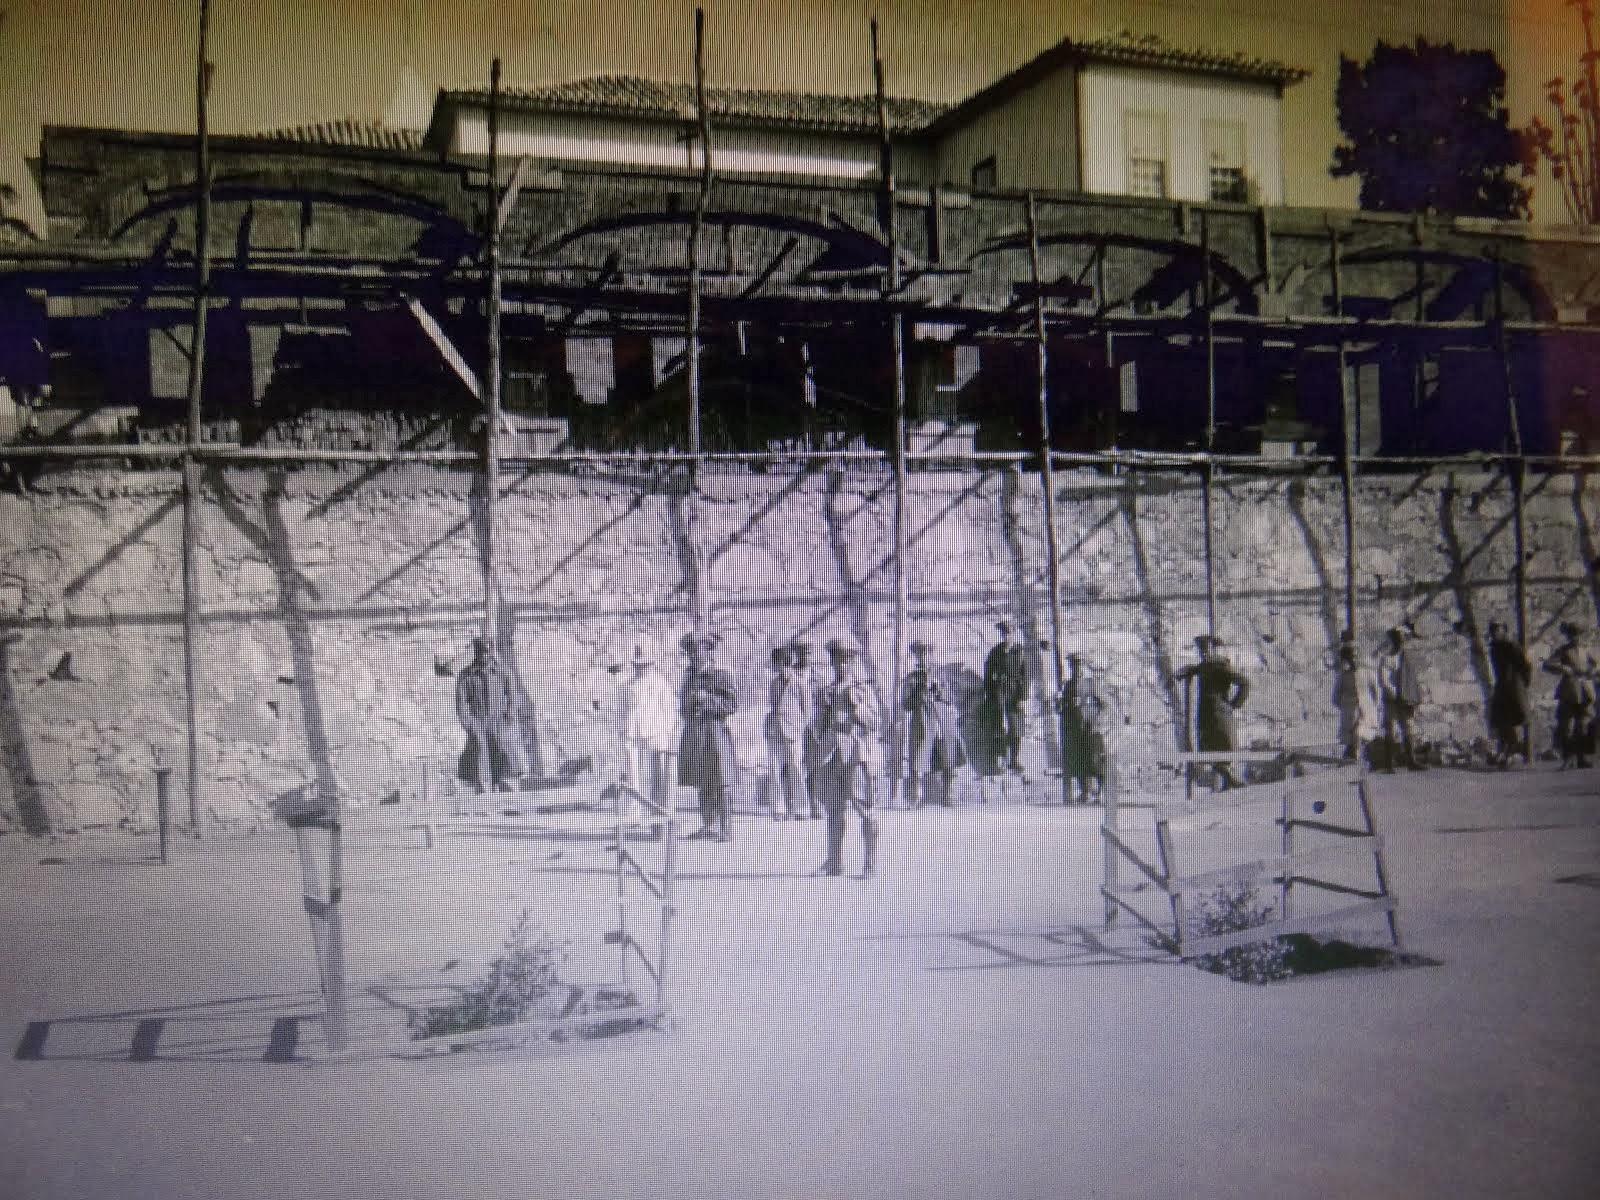 CONSTRUÇÃO DO 9BI DE BARBACENA